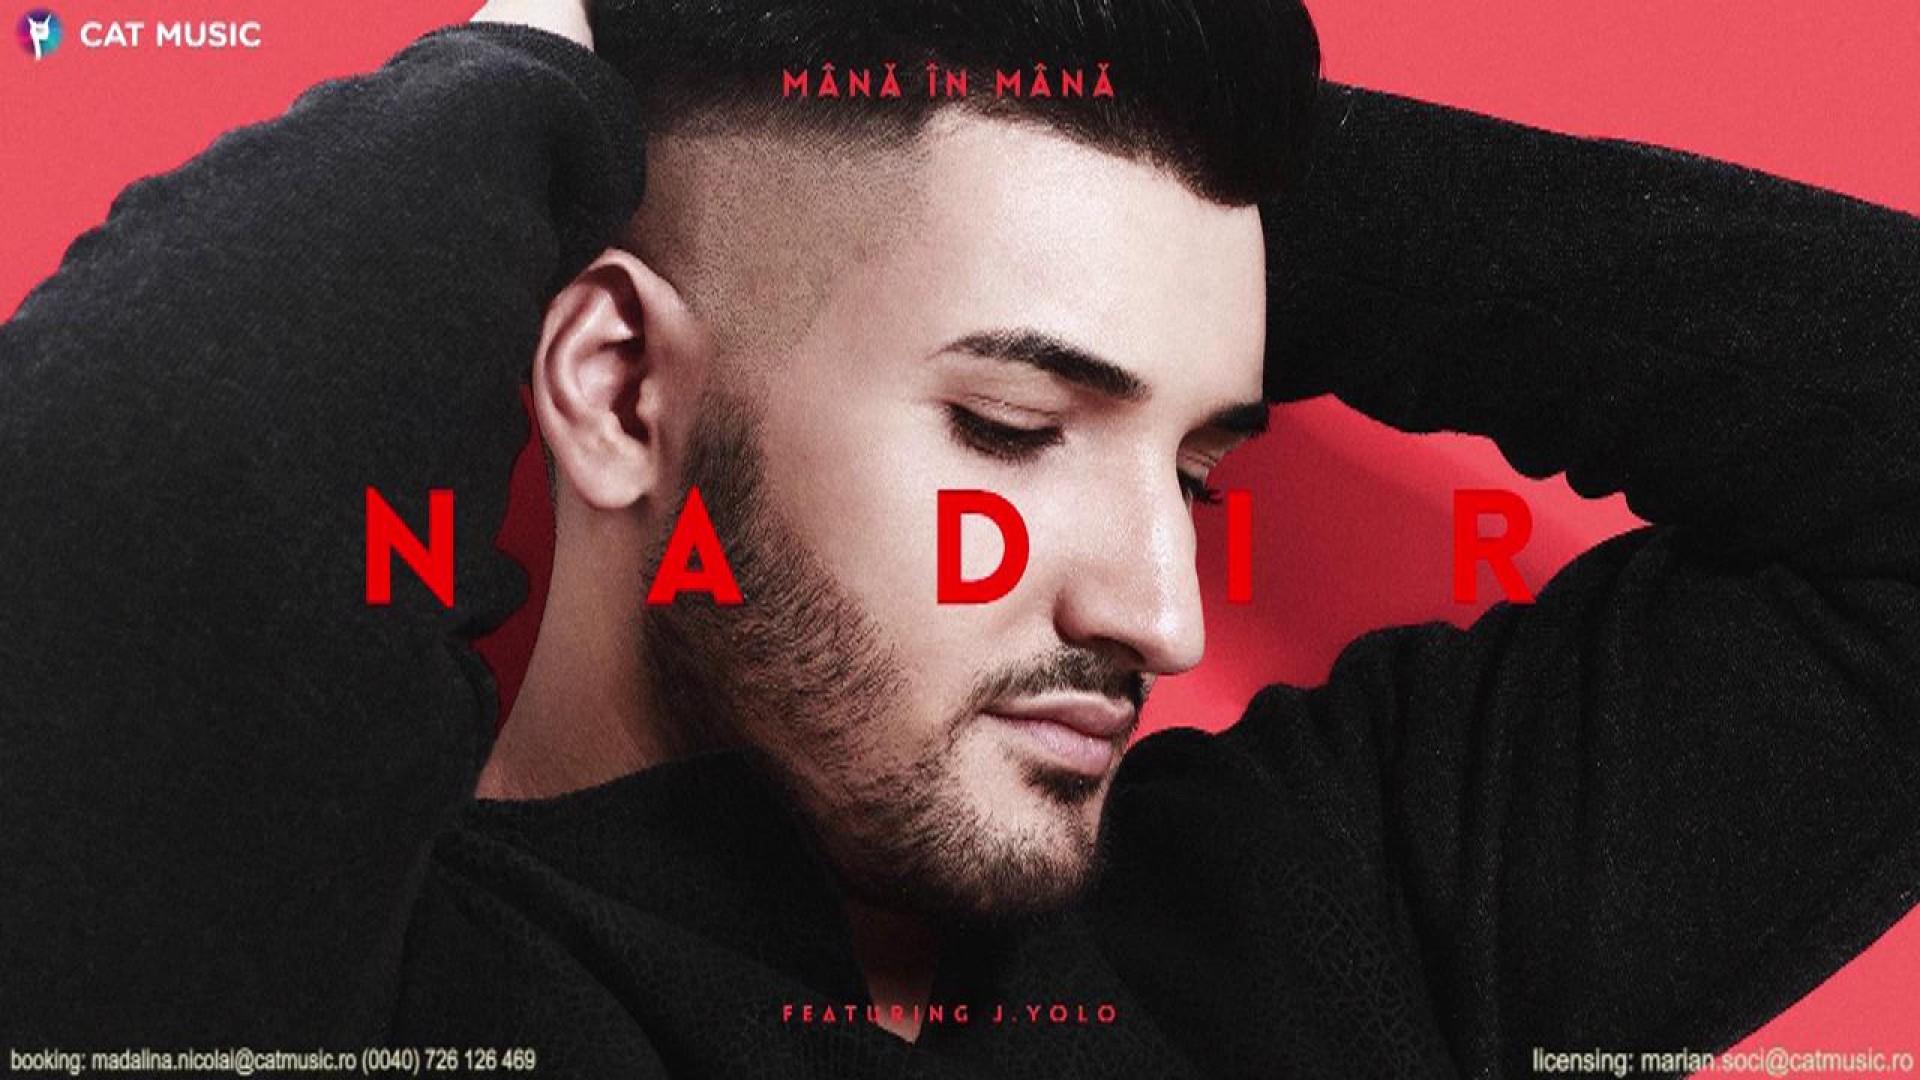 Nadir feat. J.Yolo - Mână în mână